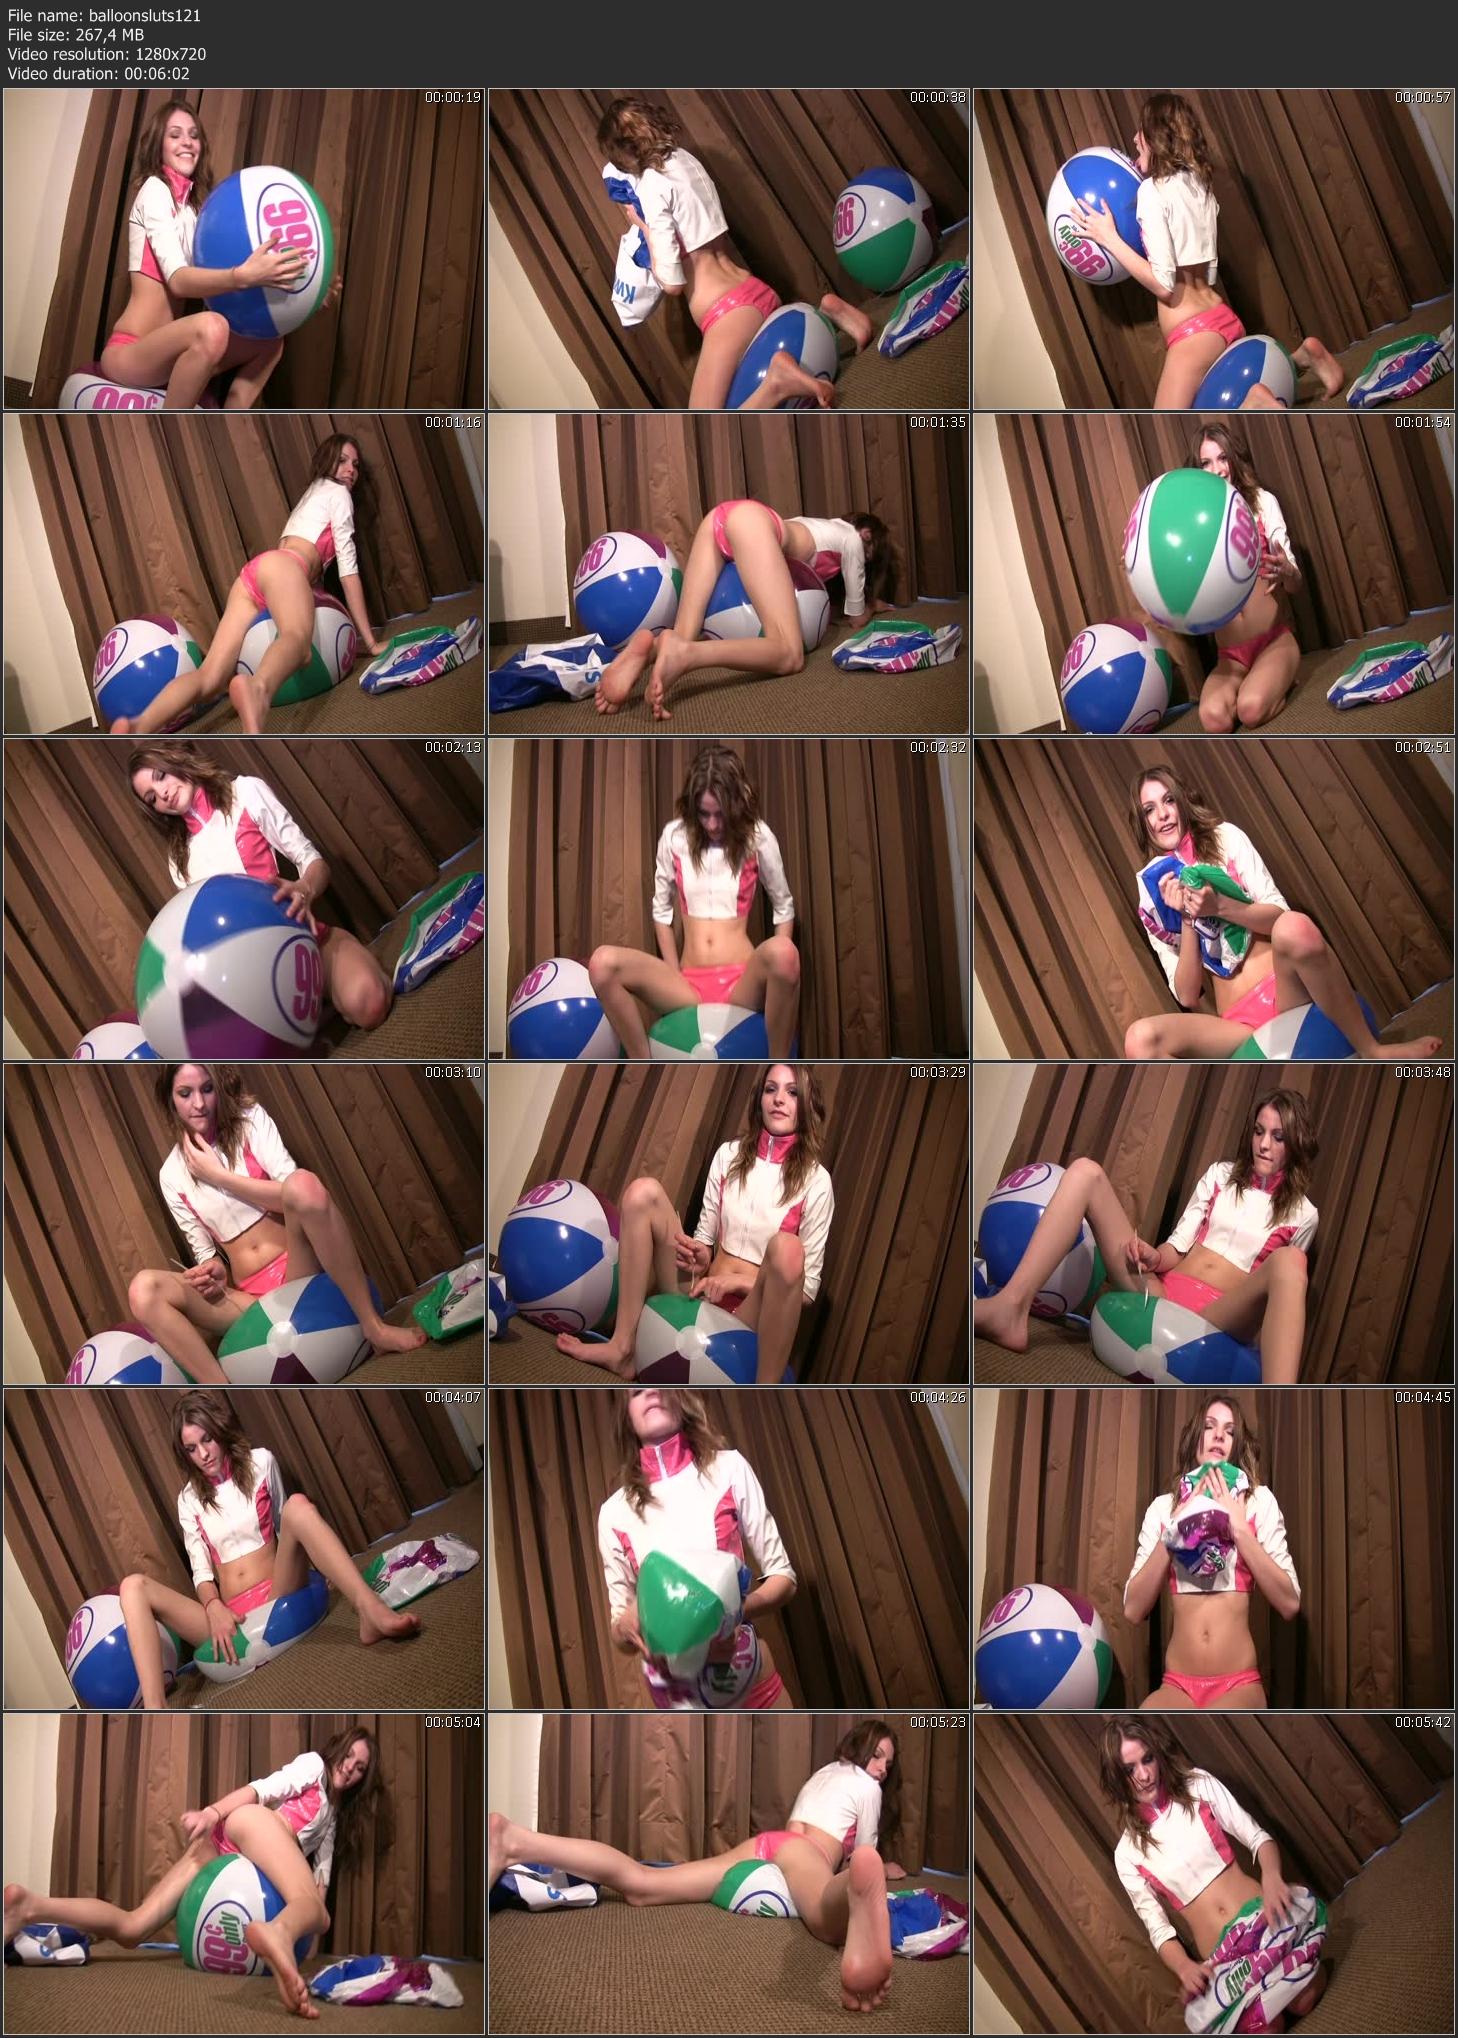 balloonsluts121 (image 2),